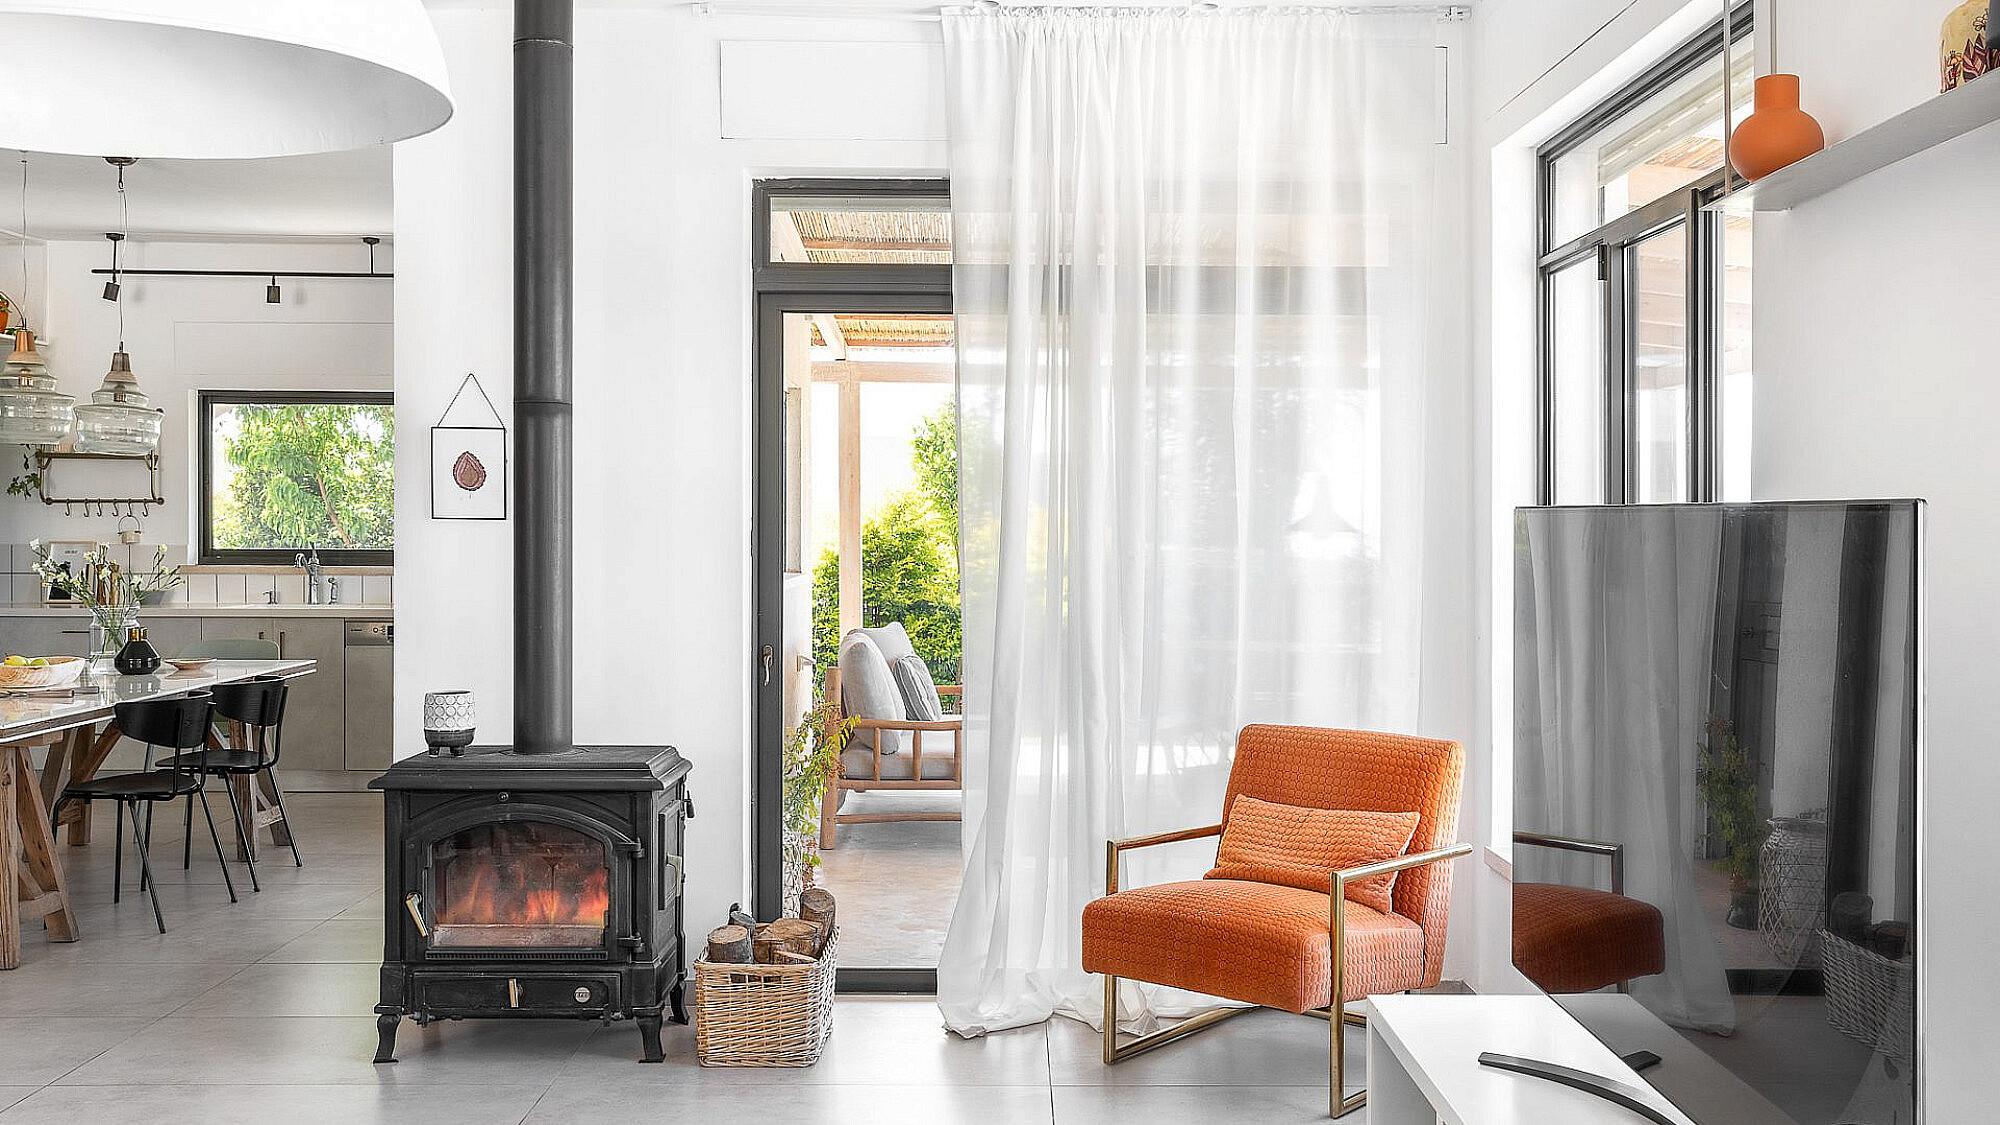 בית בקיבוץ יחיעם | עיצוב: מירב יציב, צילום: אורן עמוס